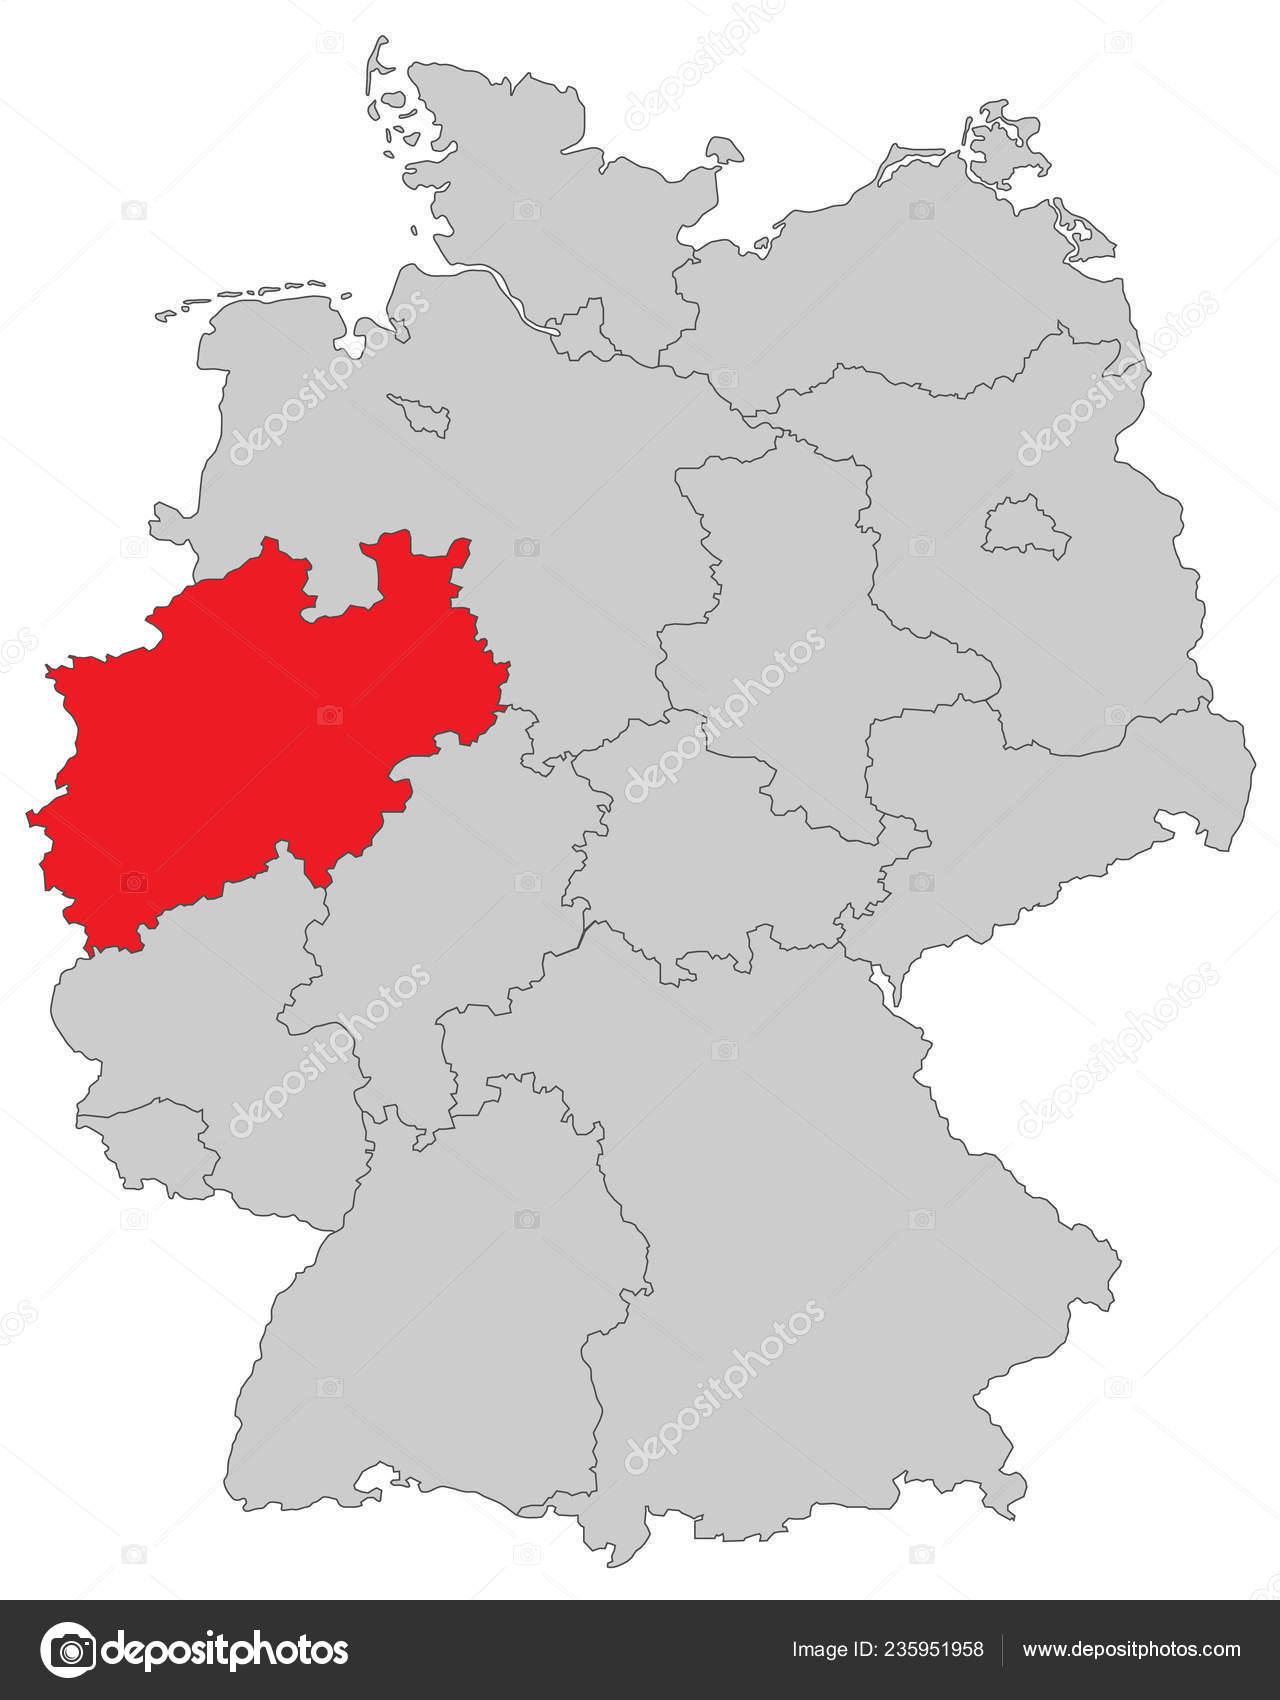 Nordrhein Westfalen Karte.Nordrhein Westfalen Karte Von Deutschland Hoch Detailliert